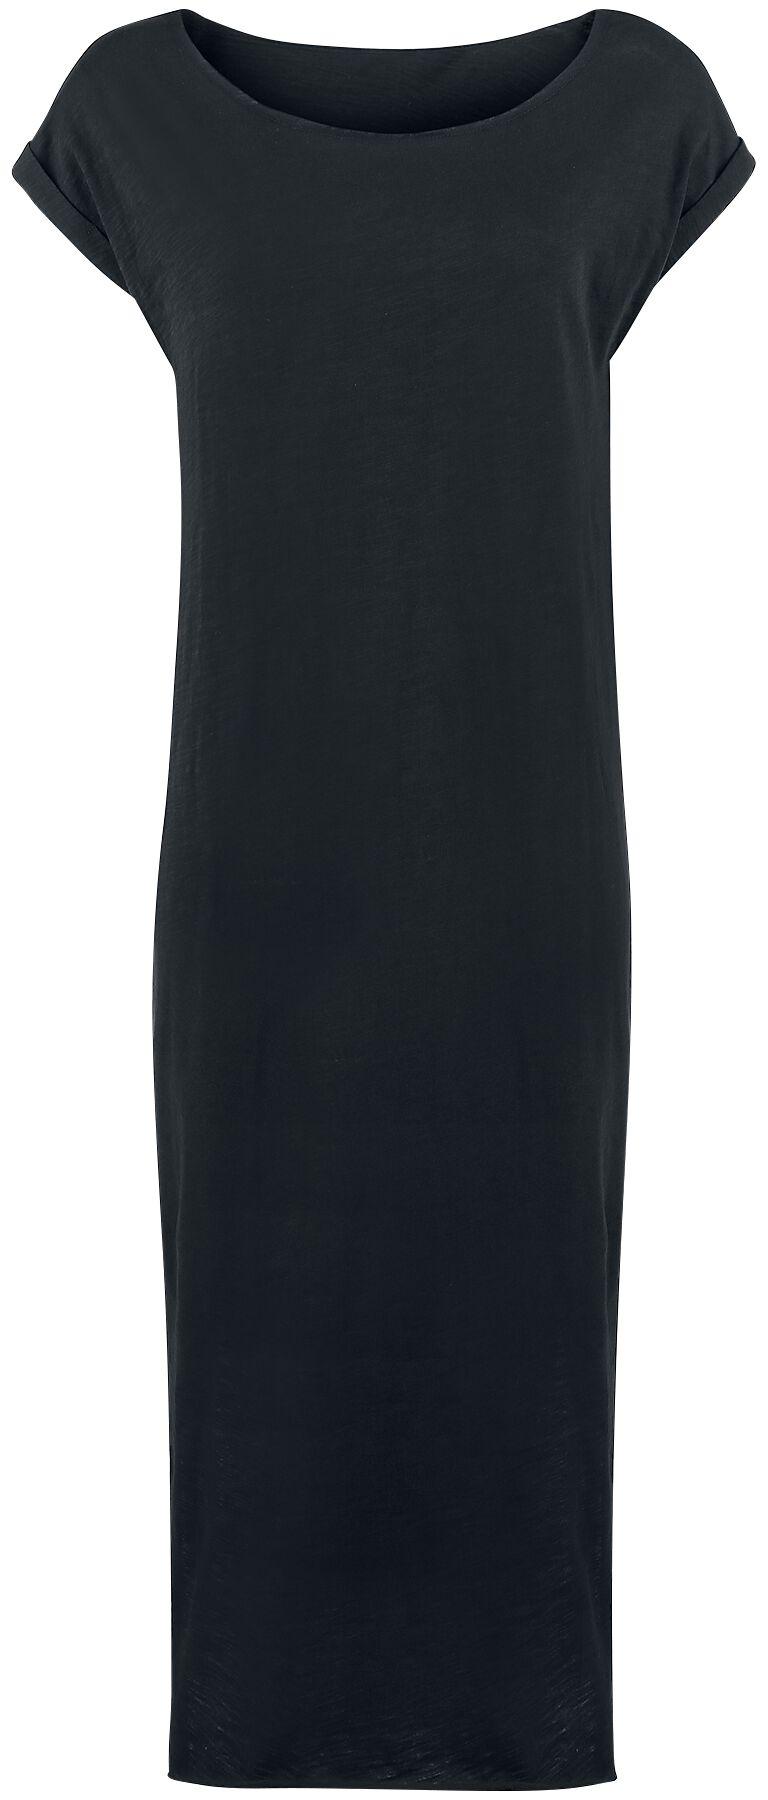 Kleider für Frauen - Urban Classics Ladies Long Slub Dress Kleid schwarz  - Onlineshop EMP